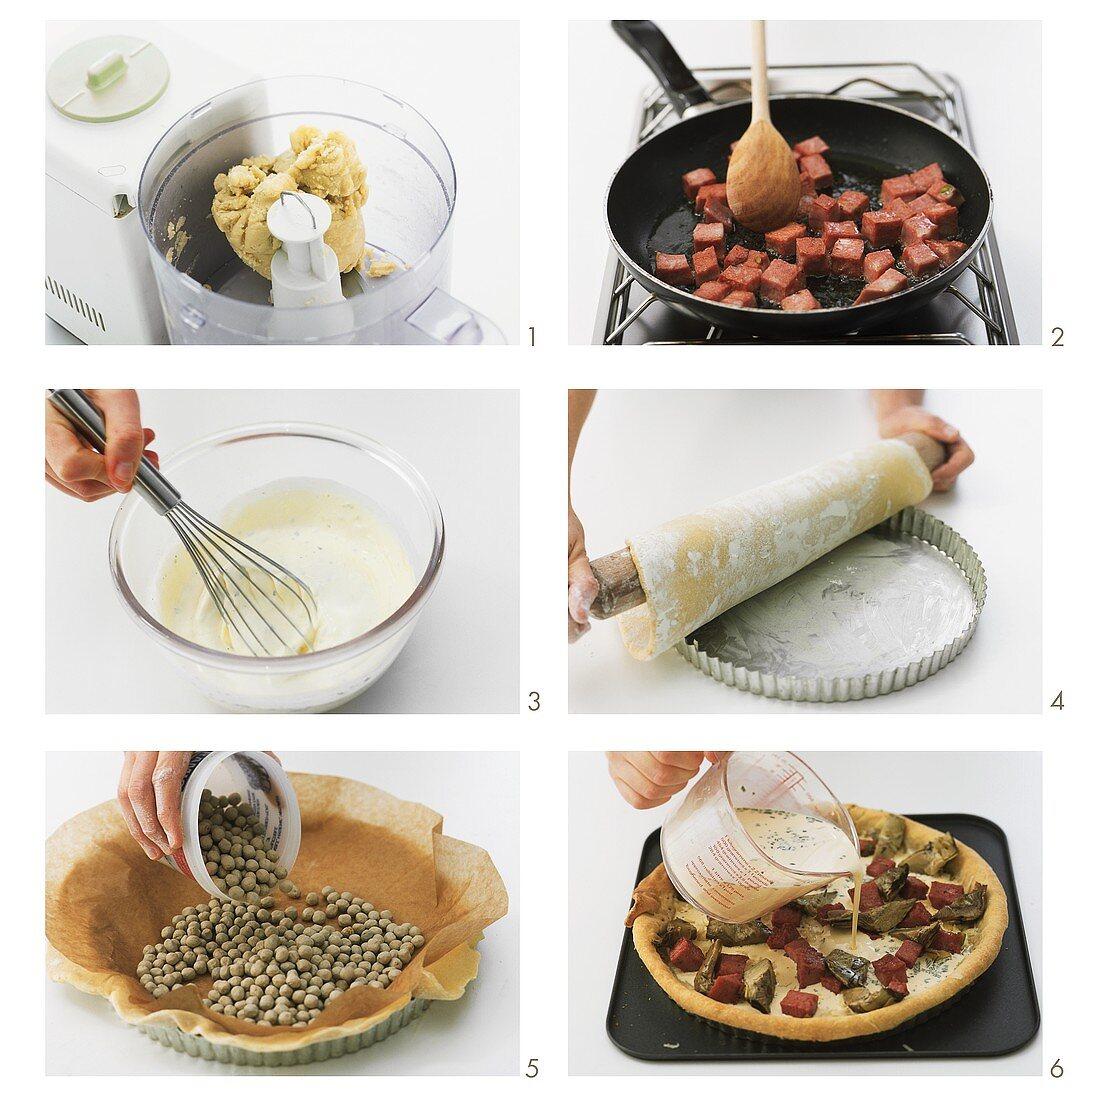 Making artichoke and mortadella quiche